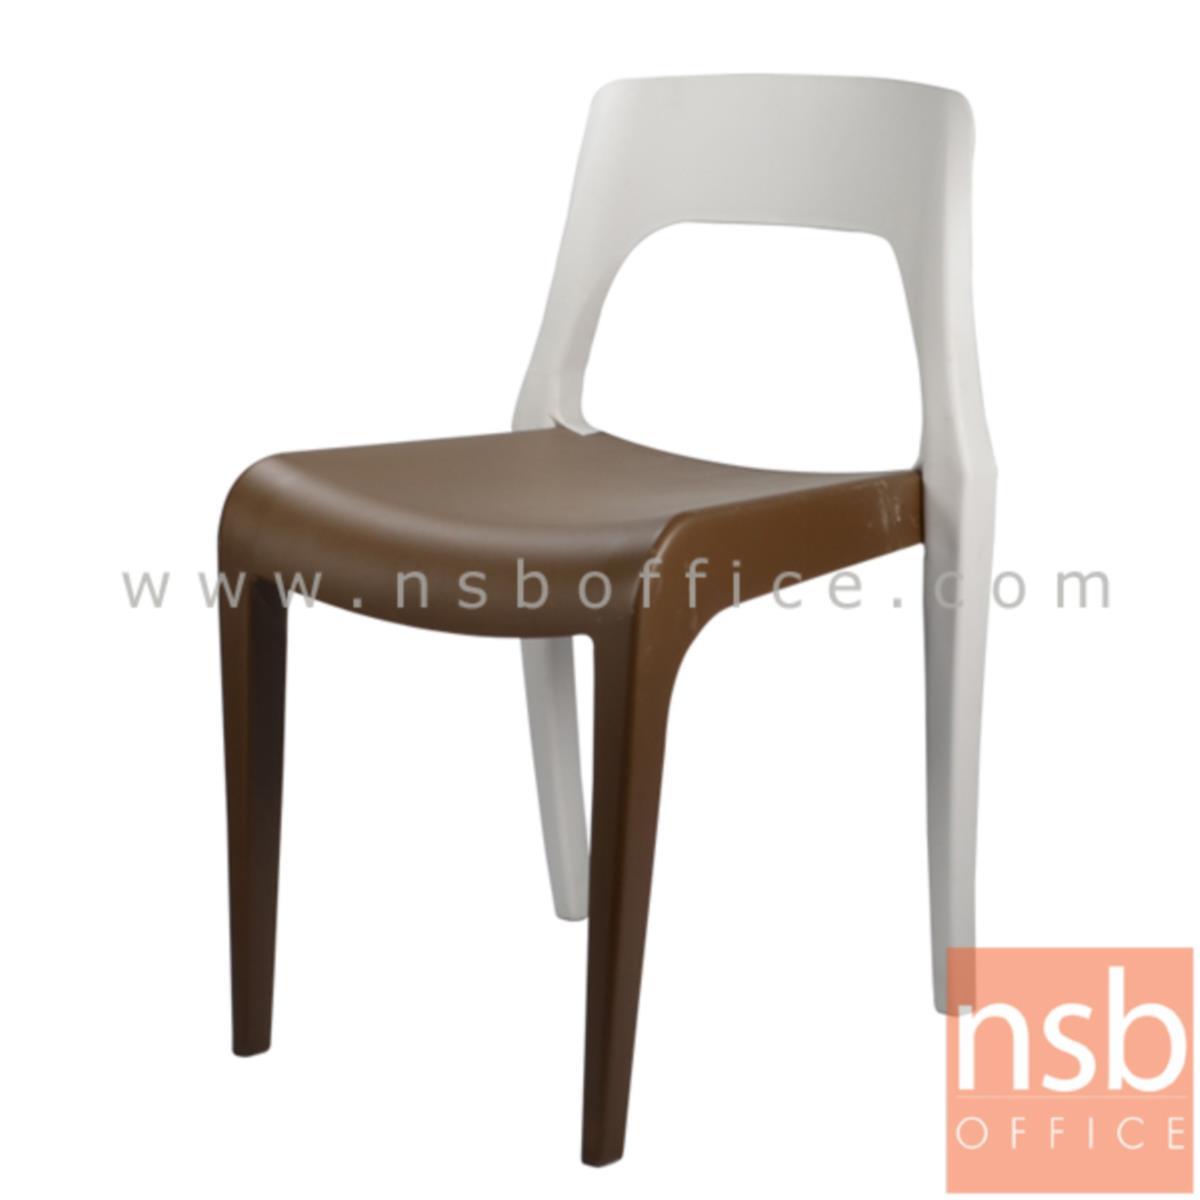 เก้าอี้โมเดิร์นพลาสติกล้วน(PP)สีสันทูโทน รุ่น PTN-PN9132 ขนาด 48W cm.